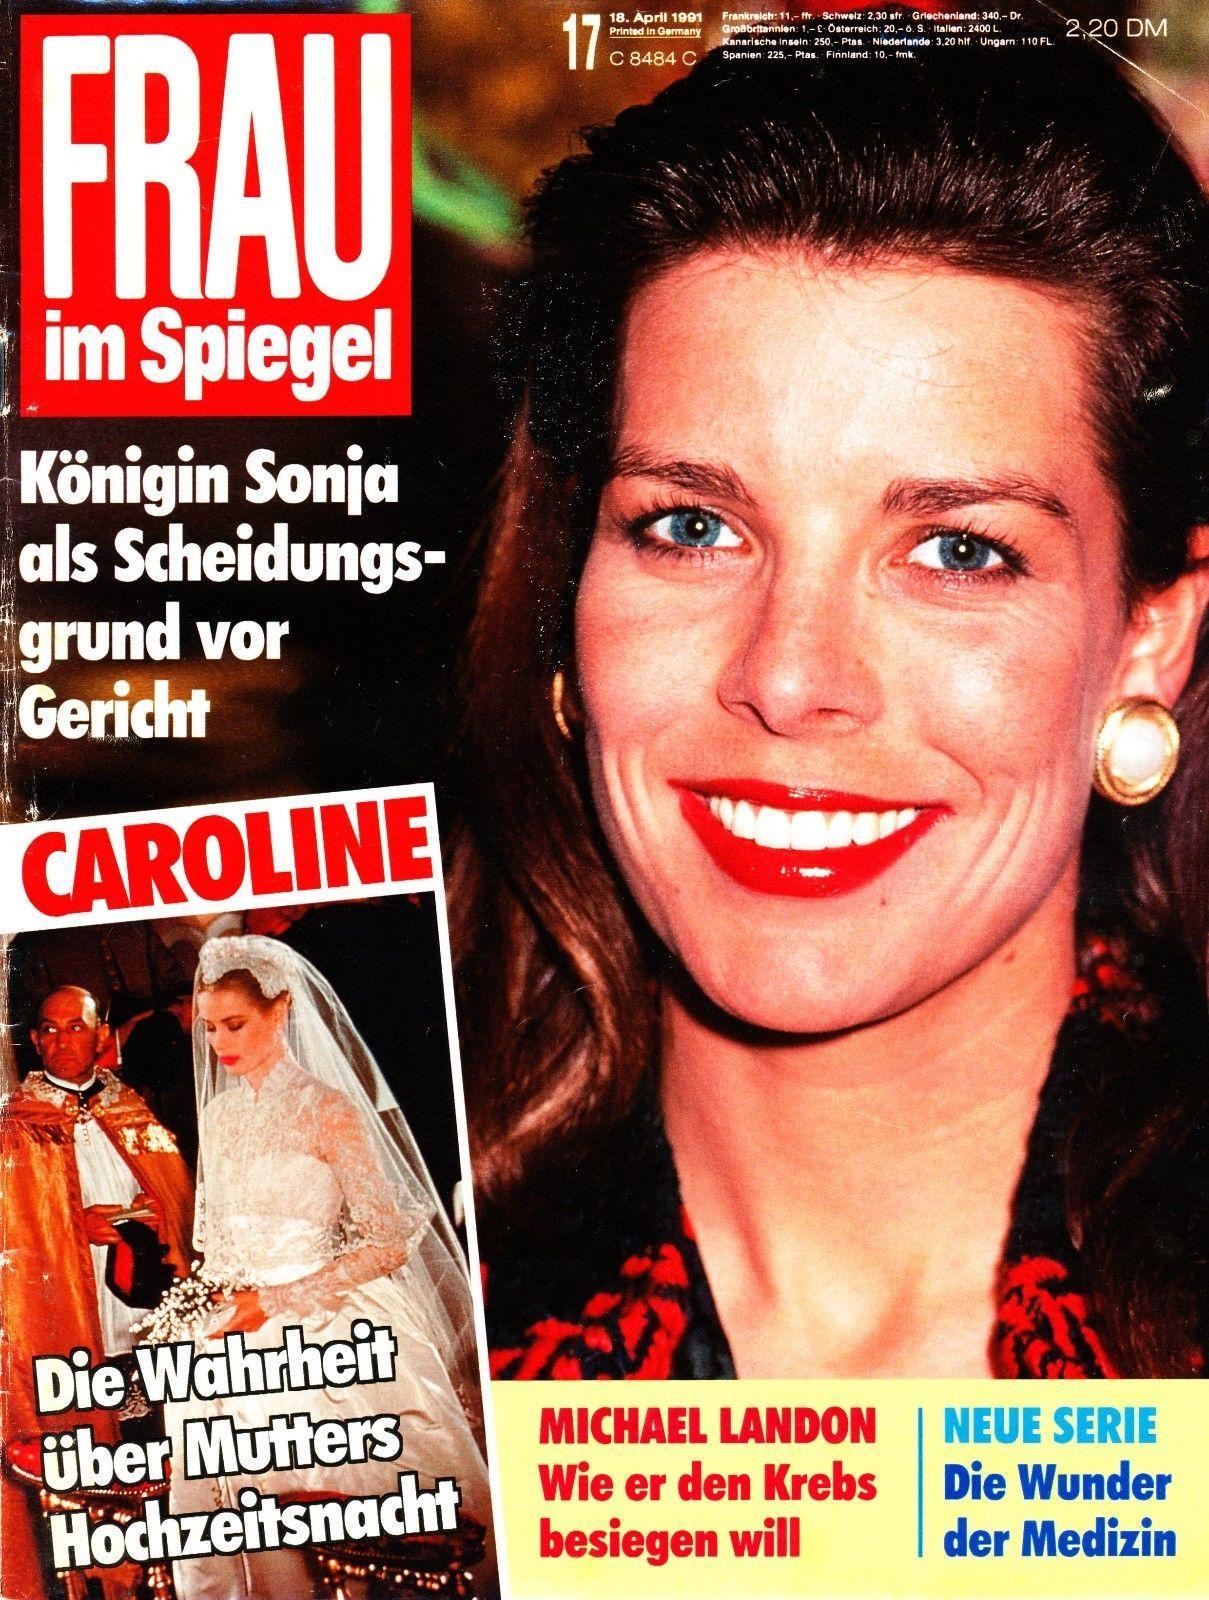 Frau im Spiegel - Titelblatt vom 18. April 1991 - Prinzessin Caroline von Monaco